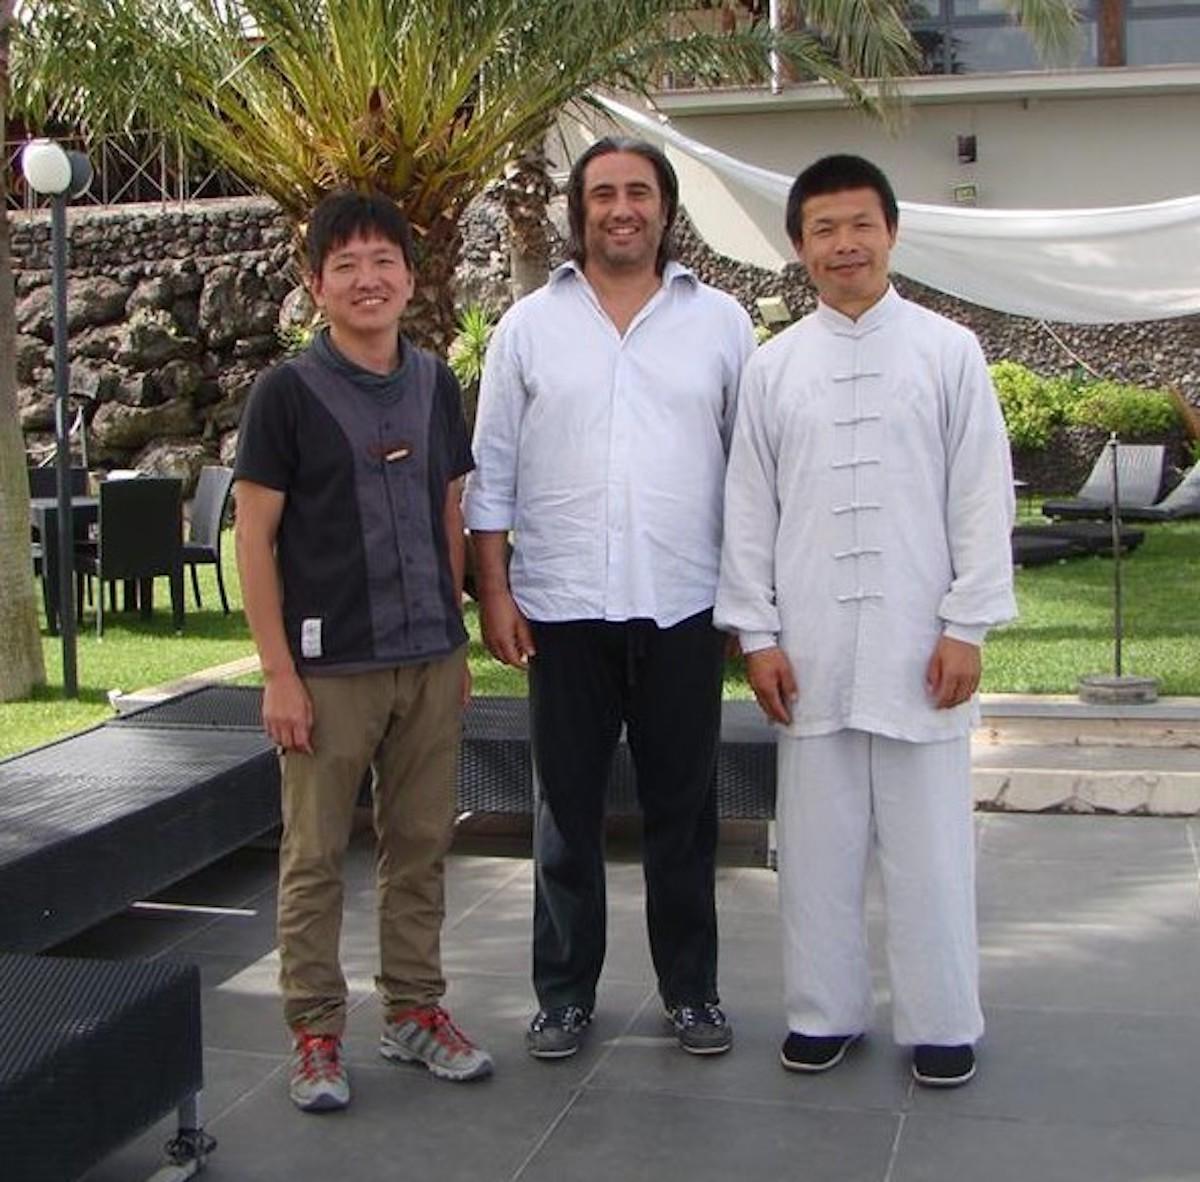 foto con maestri cinesi